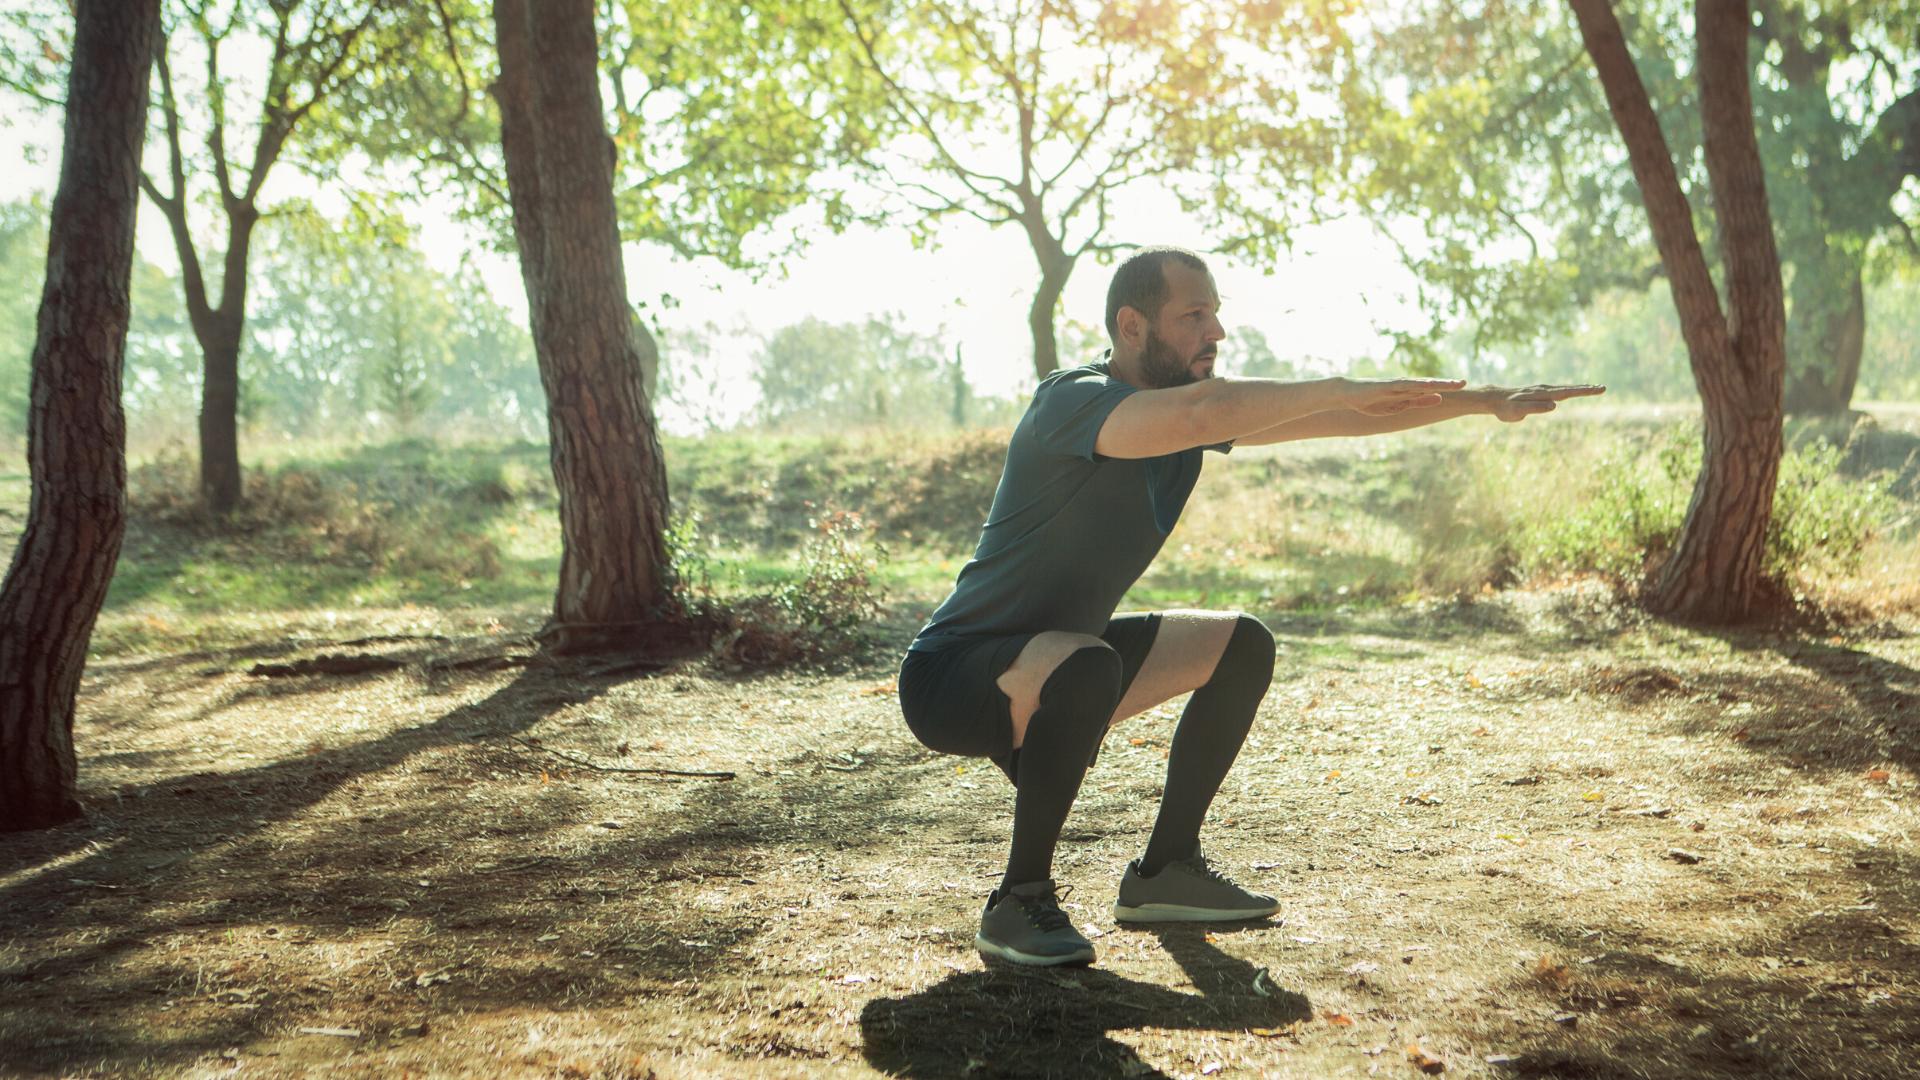 Runner squats in training